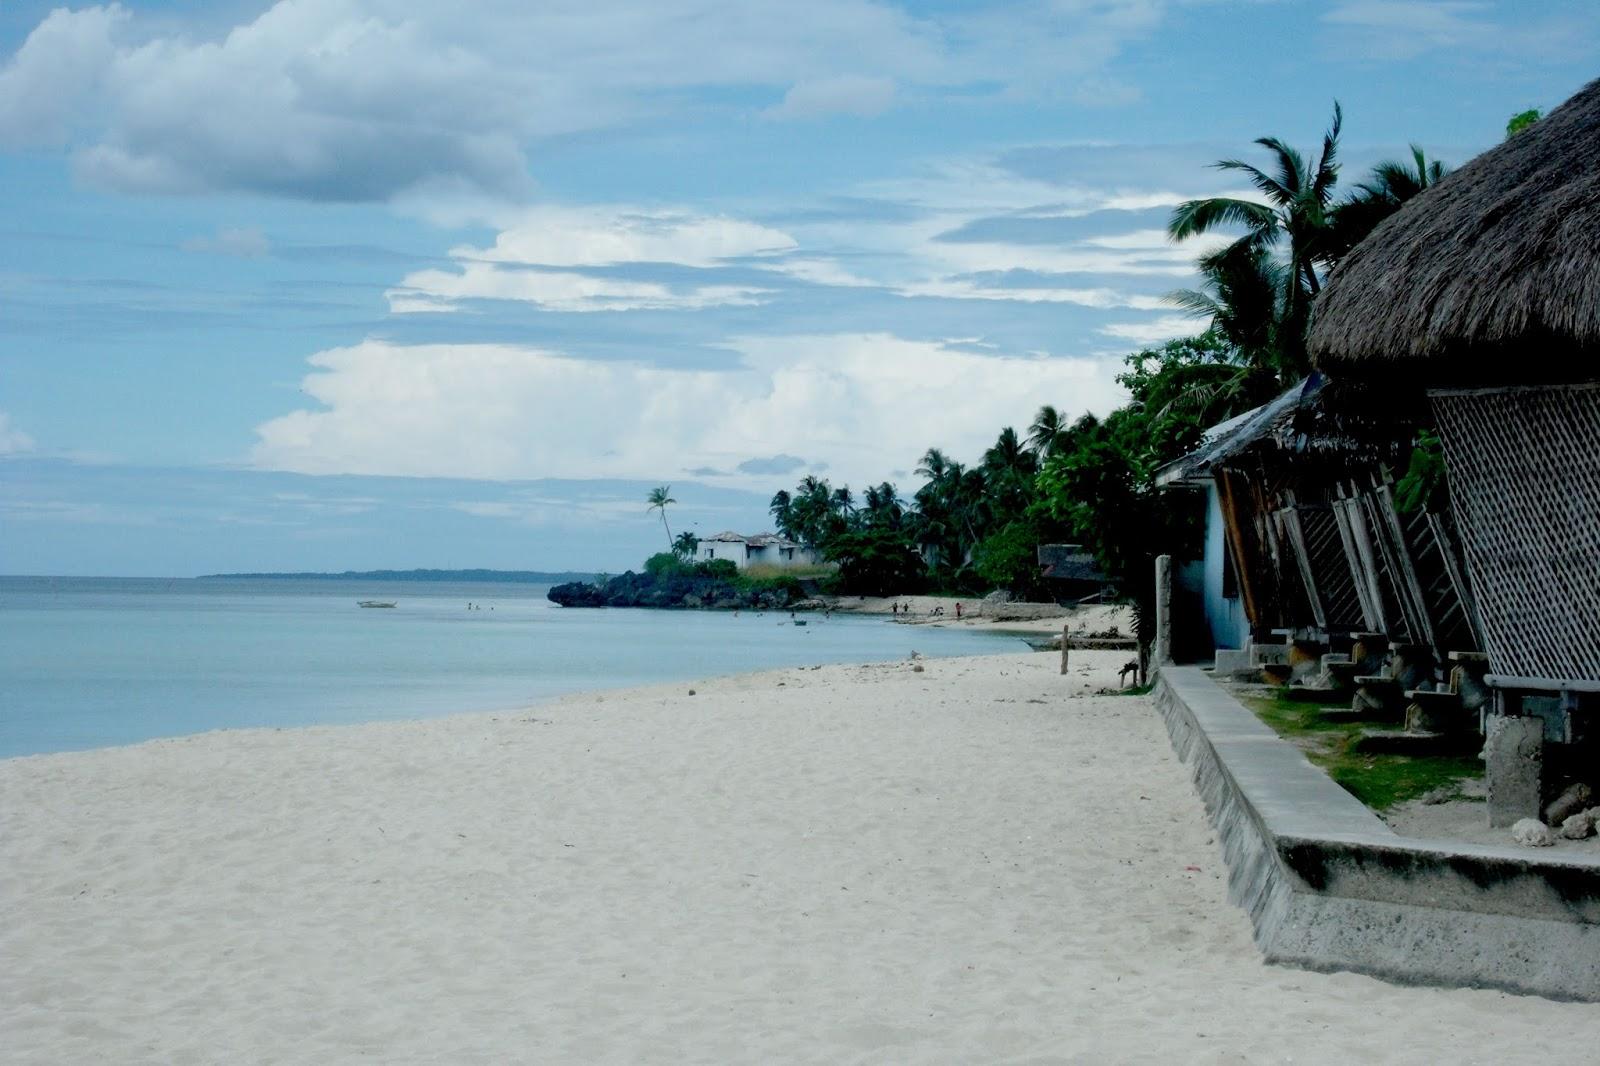 Maravilla Beach Resort The Best Beaches In World